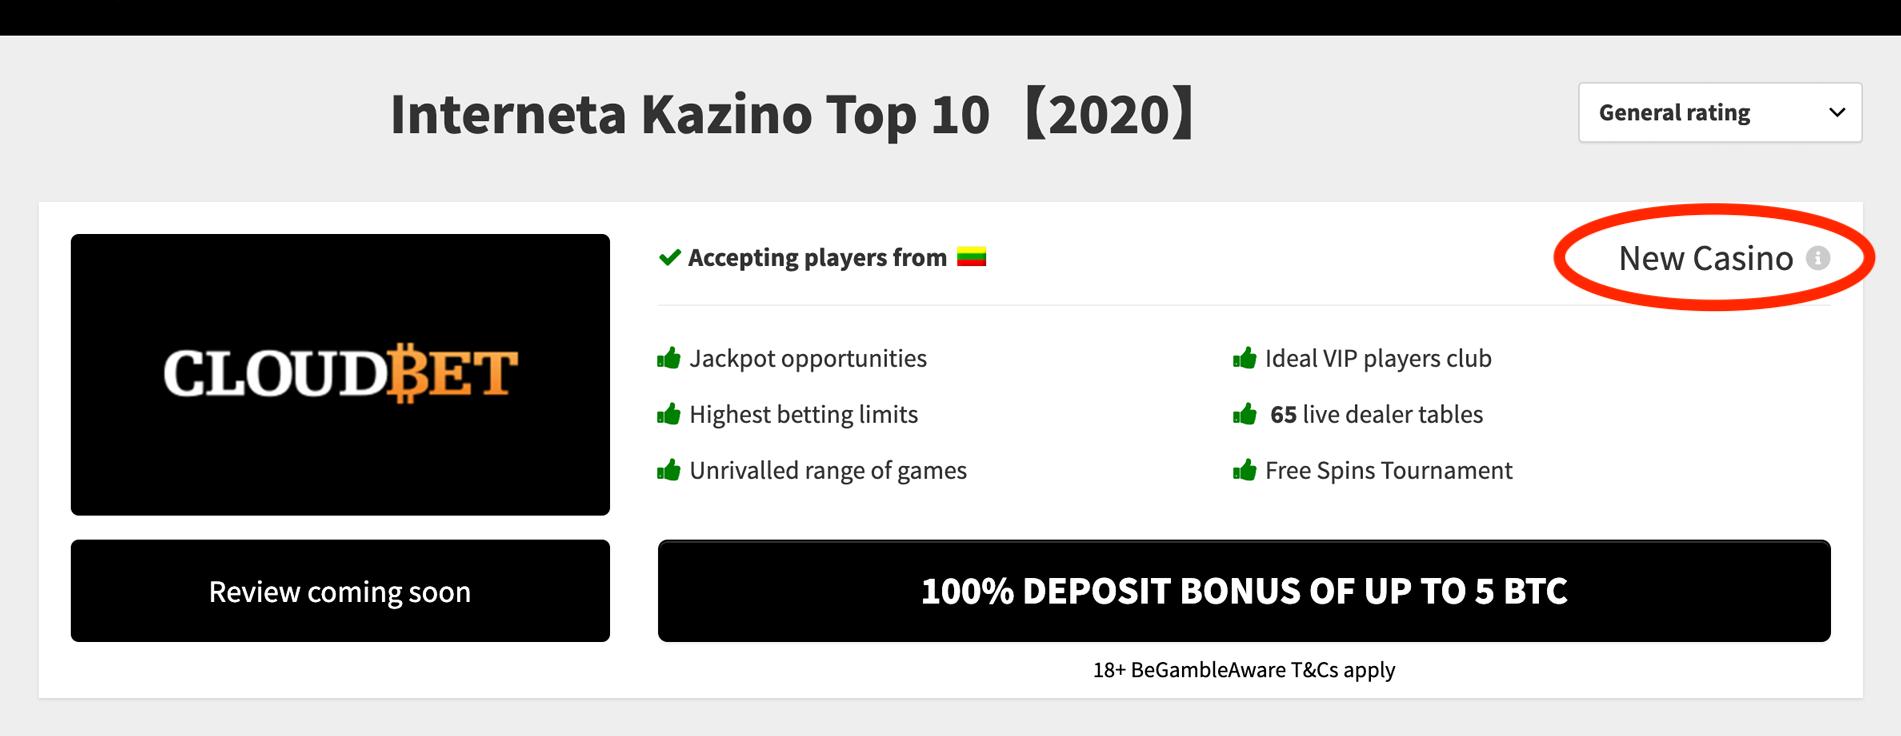 Tiešsaistes kazino reitings Kazino Apzīmējums Jauns uzņēmums